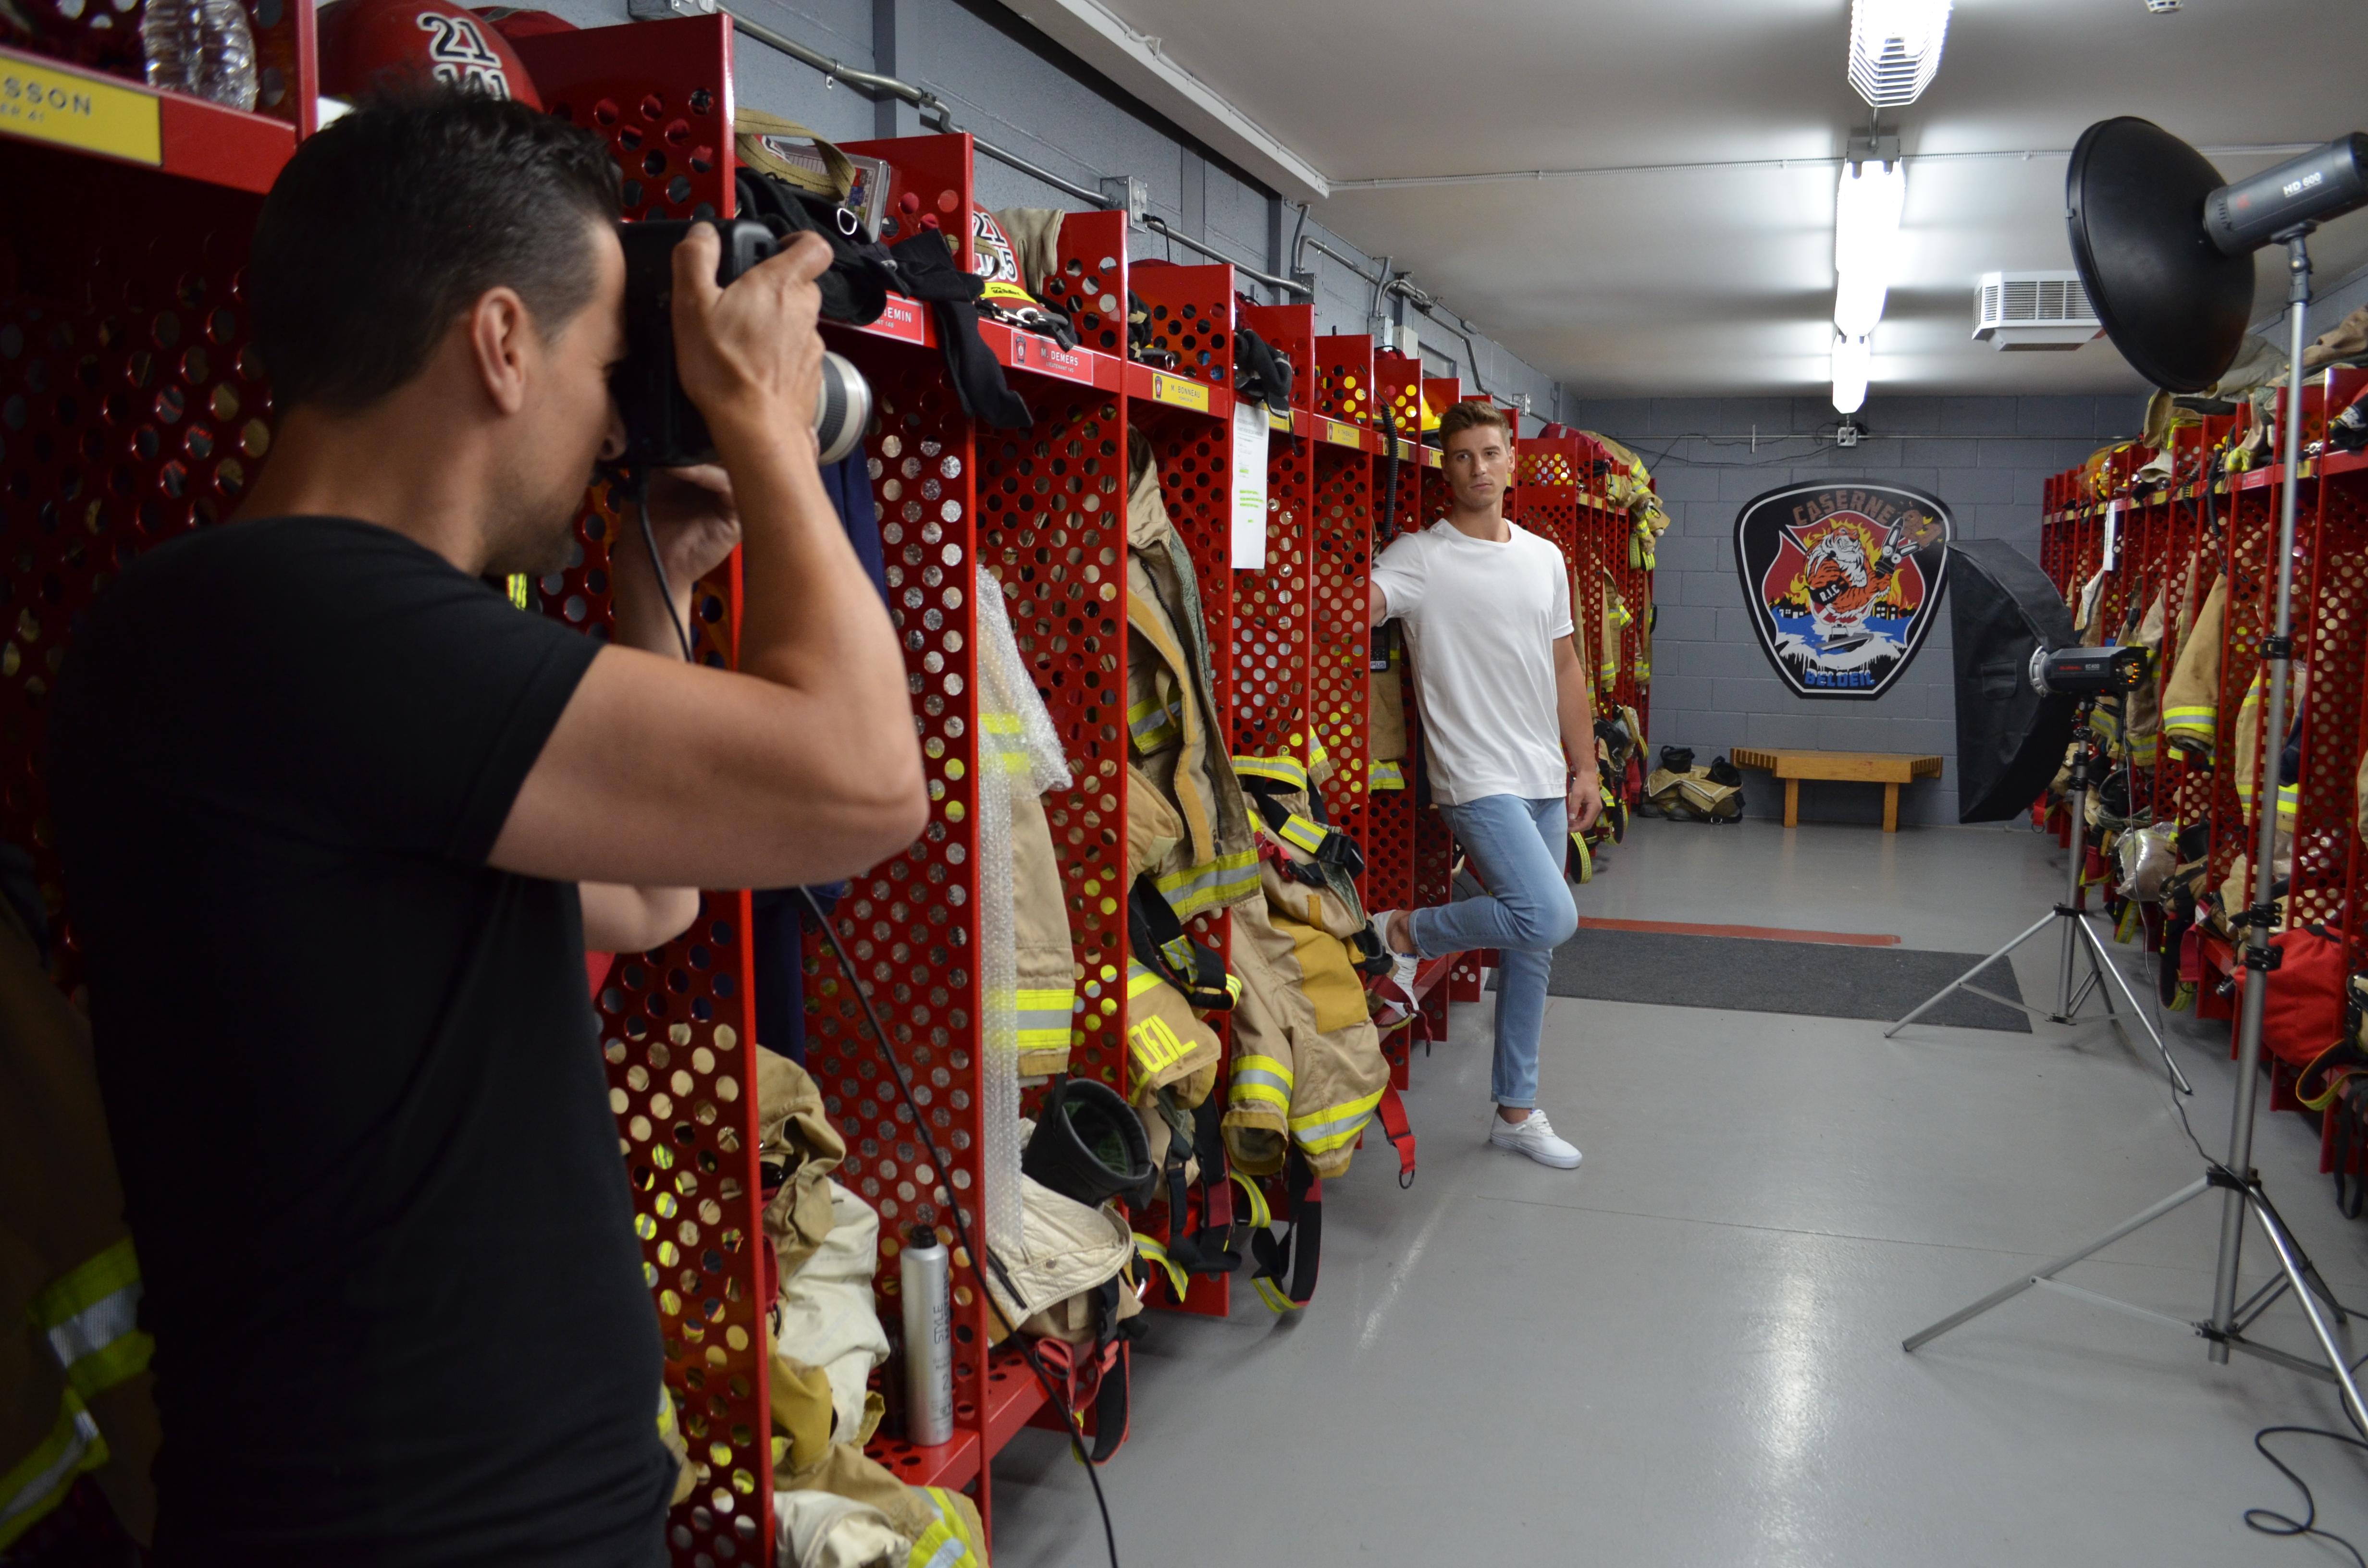 Calendrier des pompiers 2018: nos photos «behind the scenes» de la chaude séance